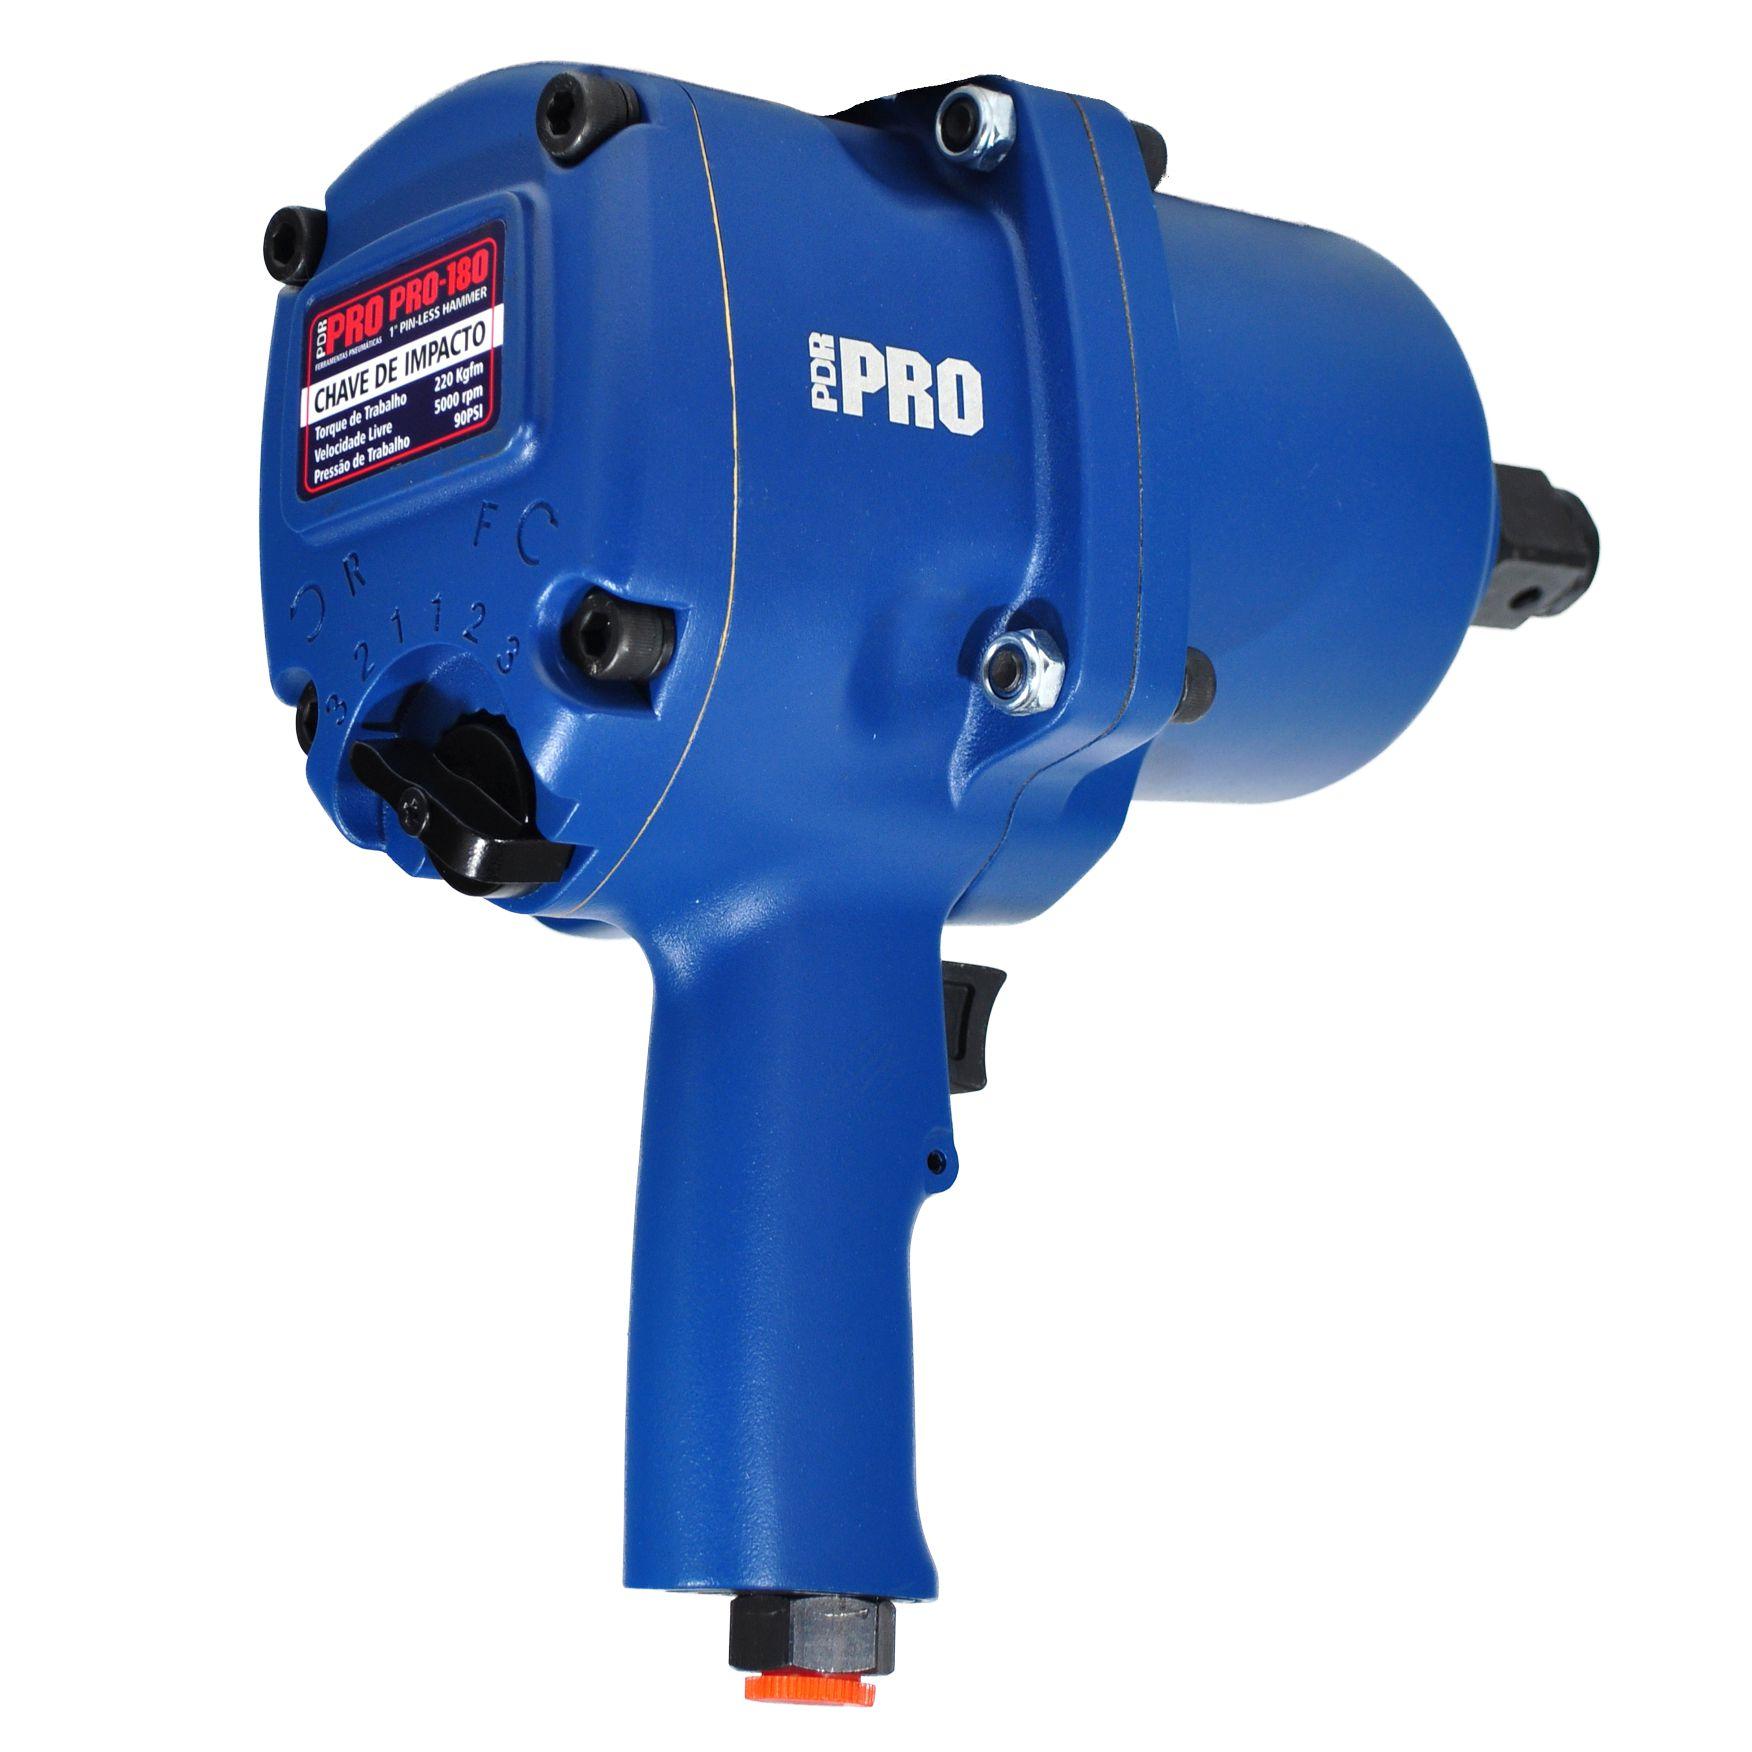 Chave de Impacto - PRO-180